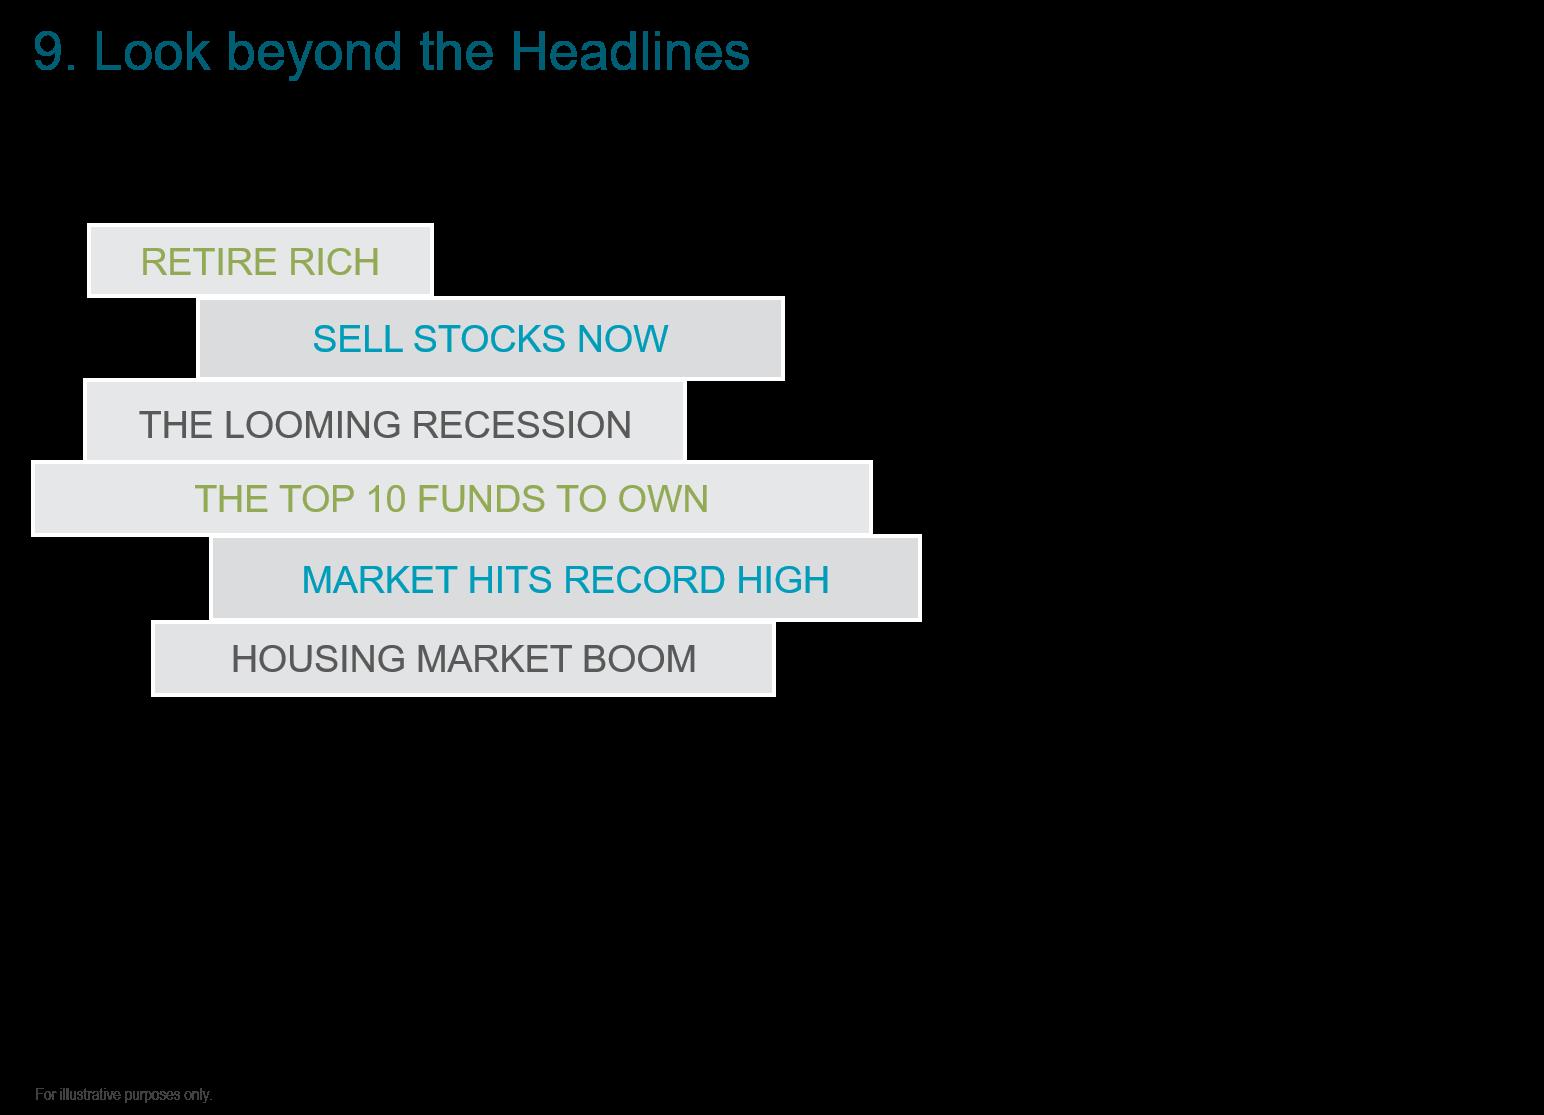 2019 Look Beyond the Headlines.png